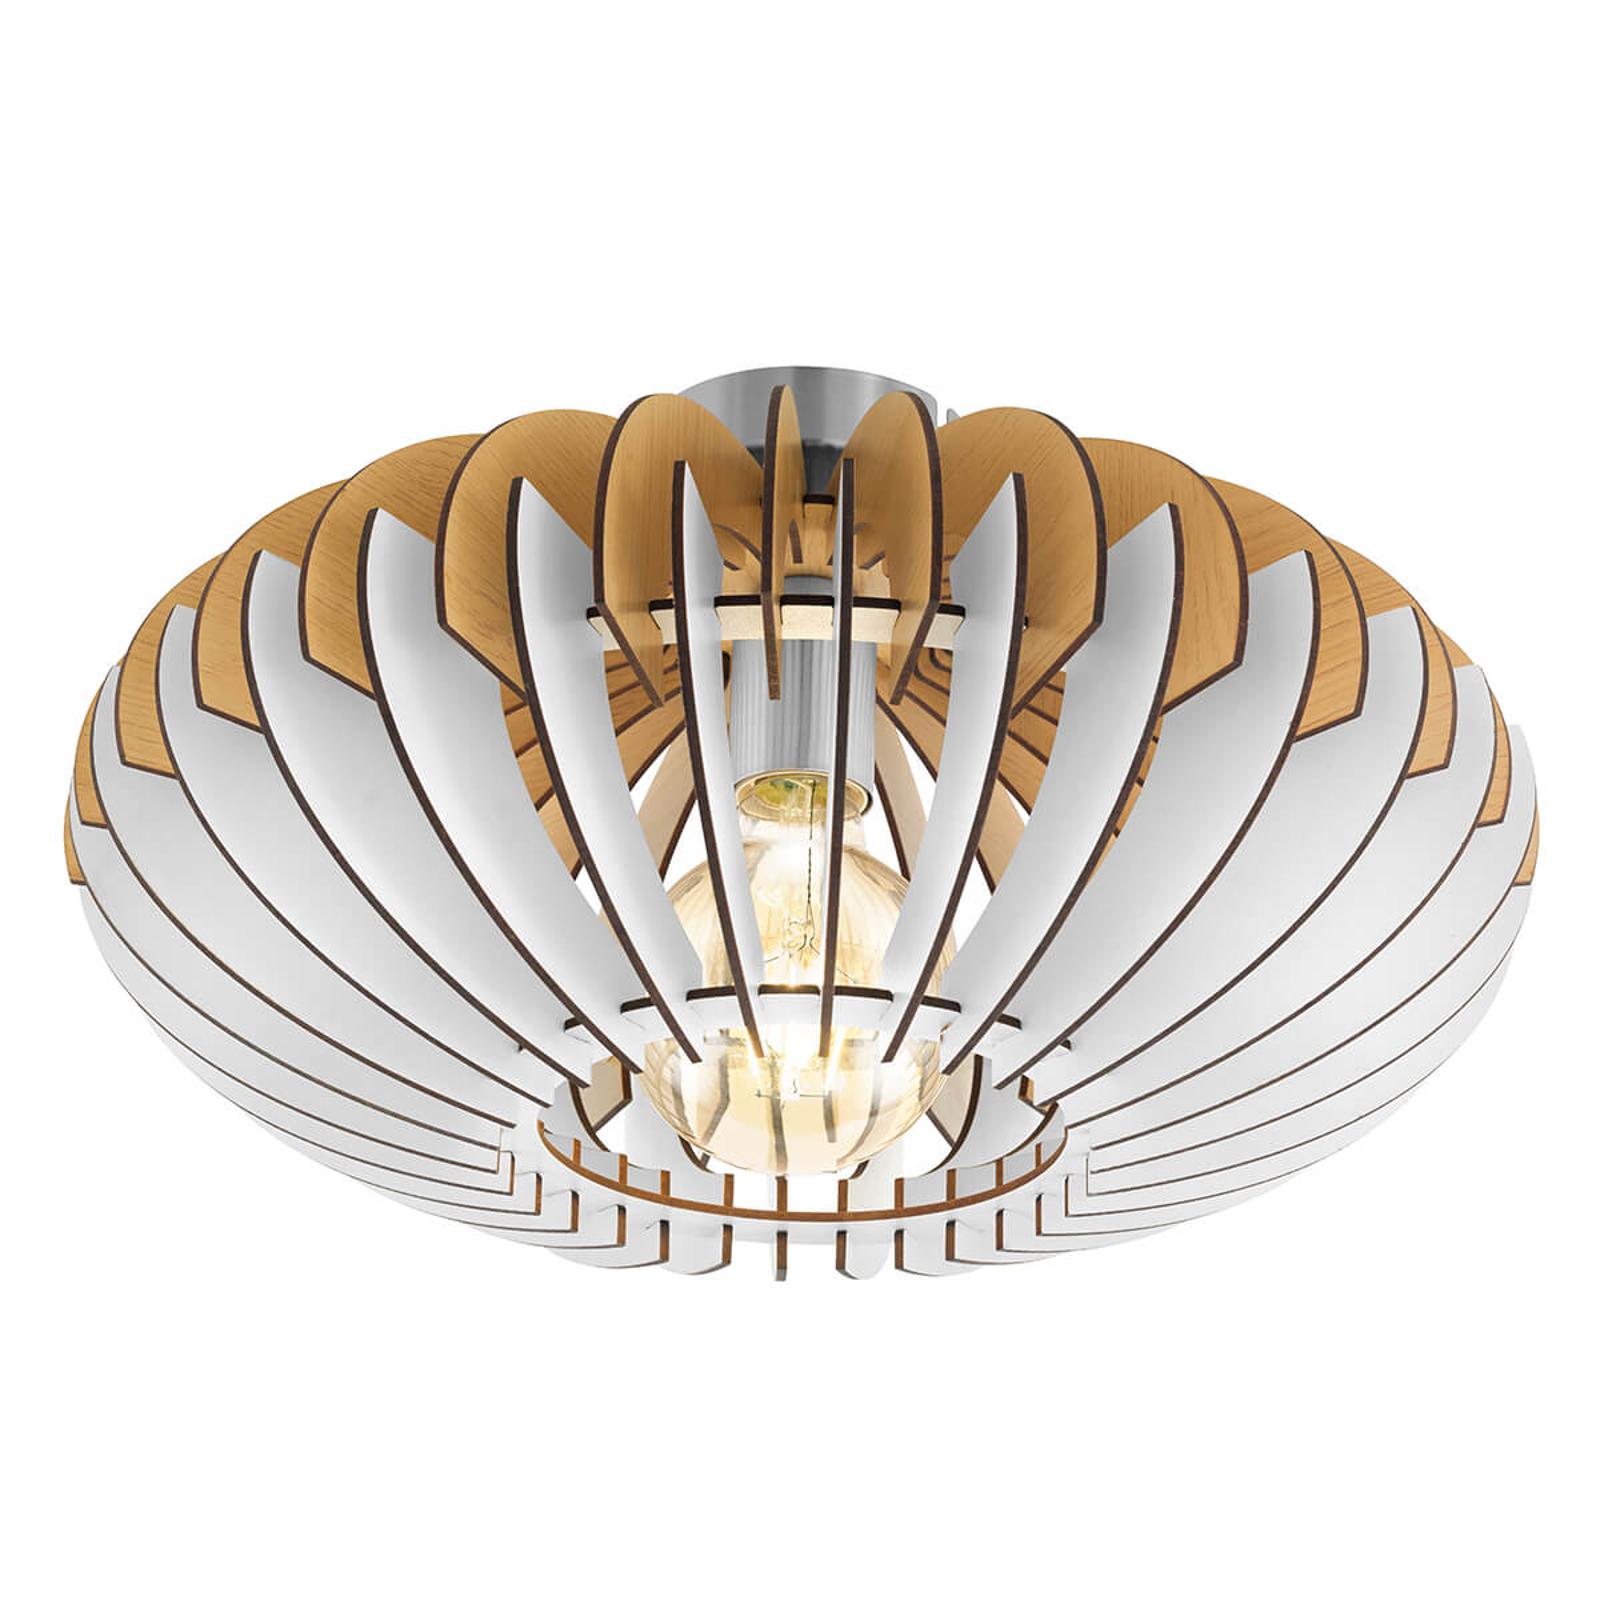 Sotos lámpara de techo de estilo escandinavo